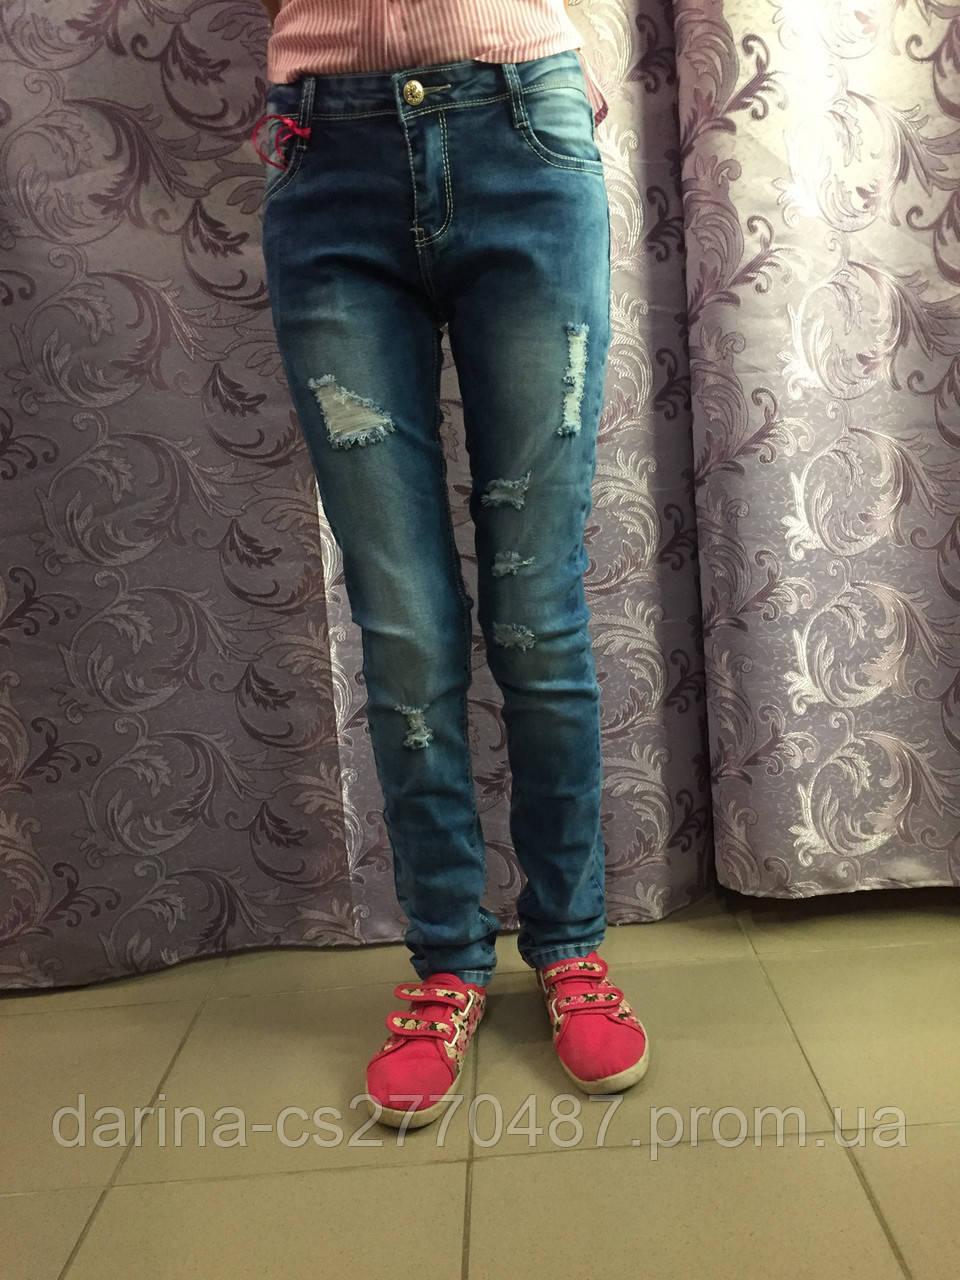 Подростковые рваные джинсы на девочку 134,140 см